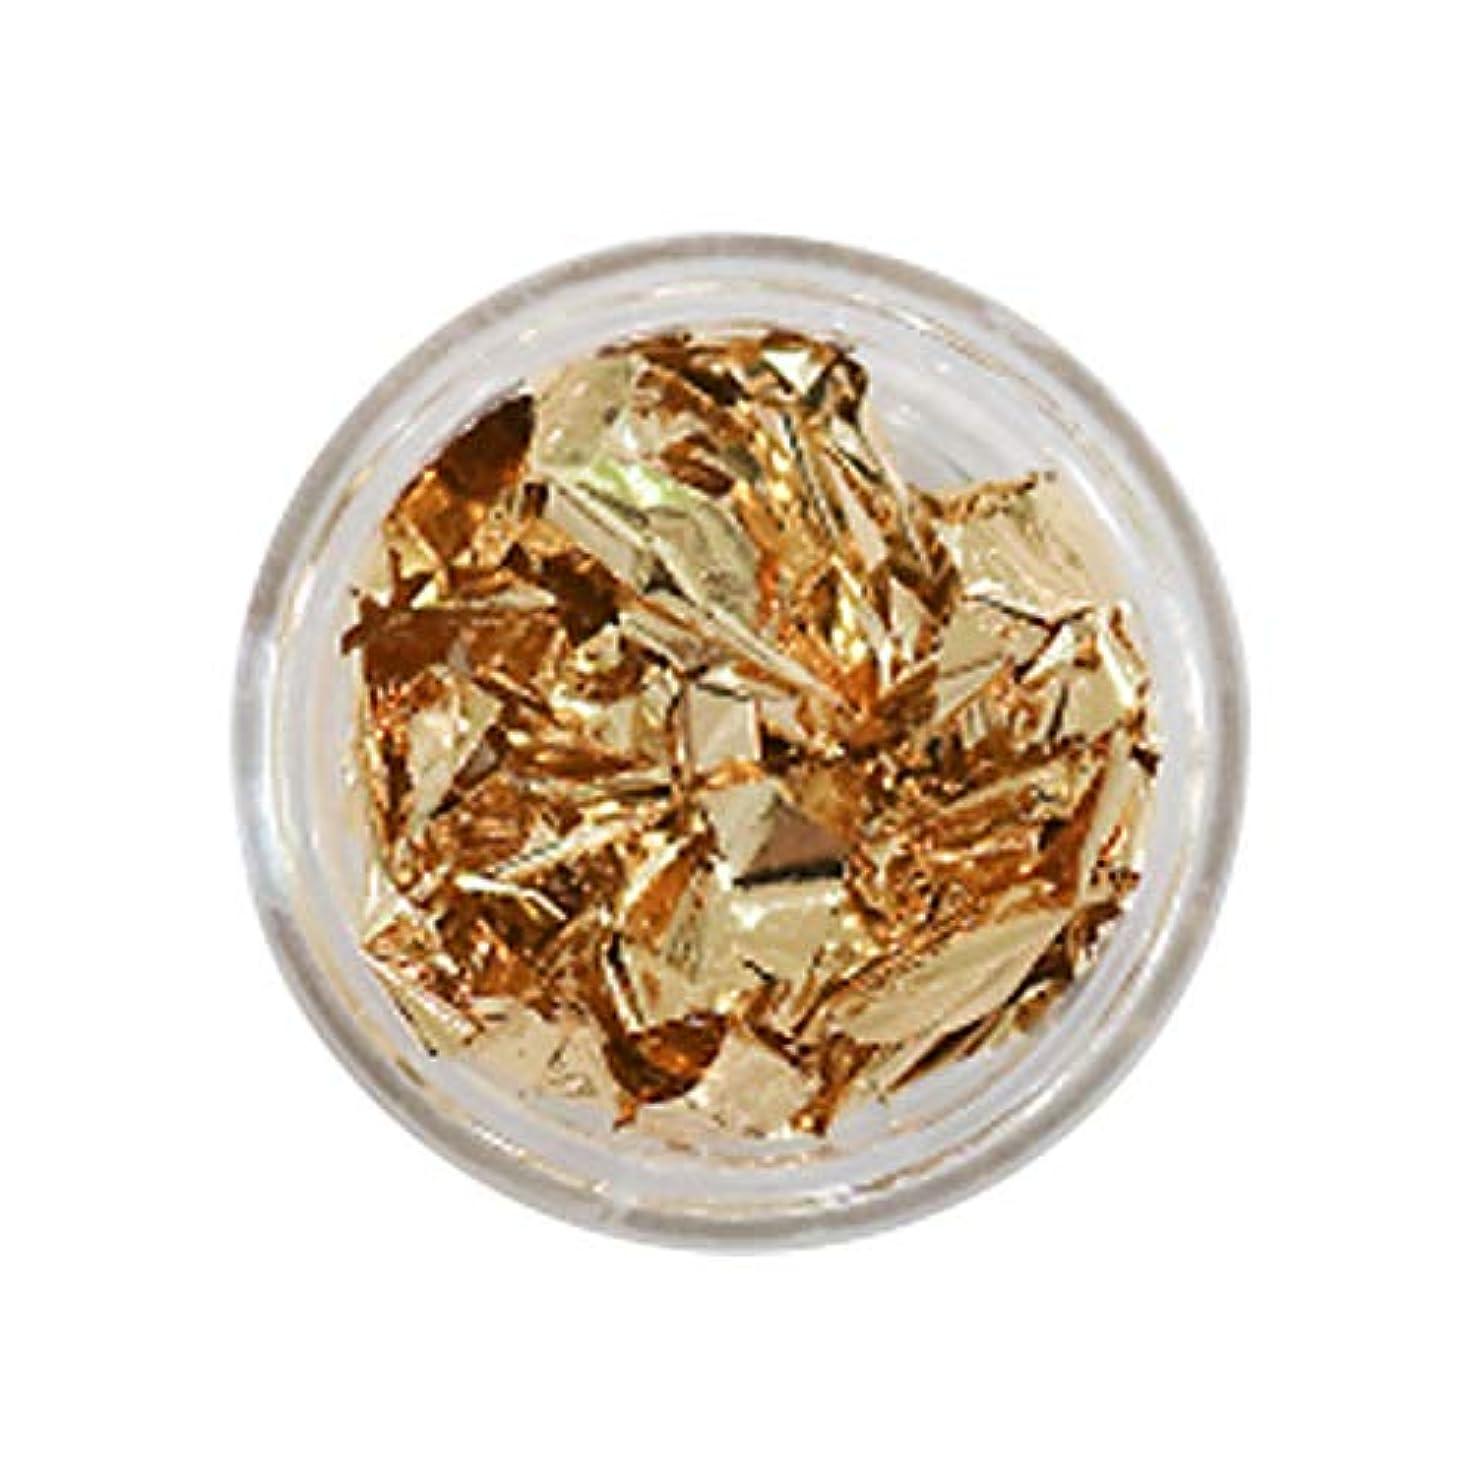 ヒゲステーキ増強Bonnail(ボンネイル) 箔セレクション サンセットゴールド